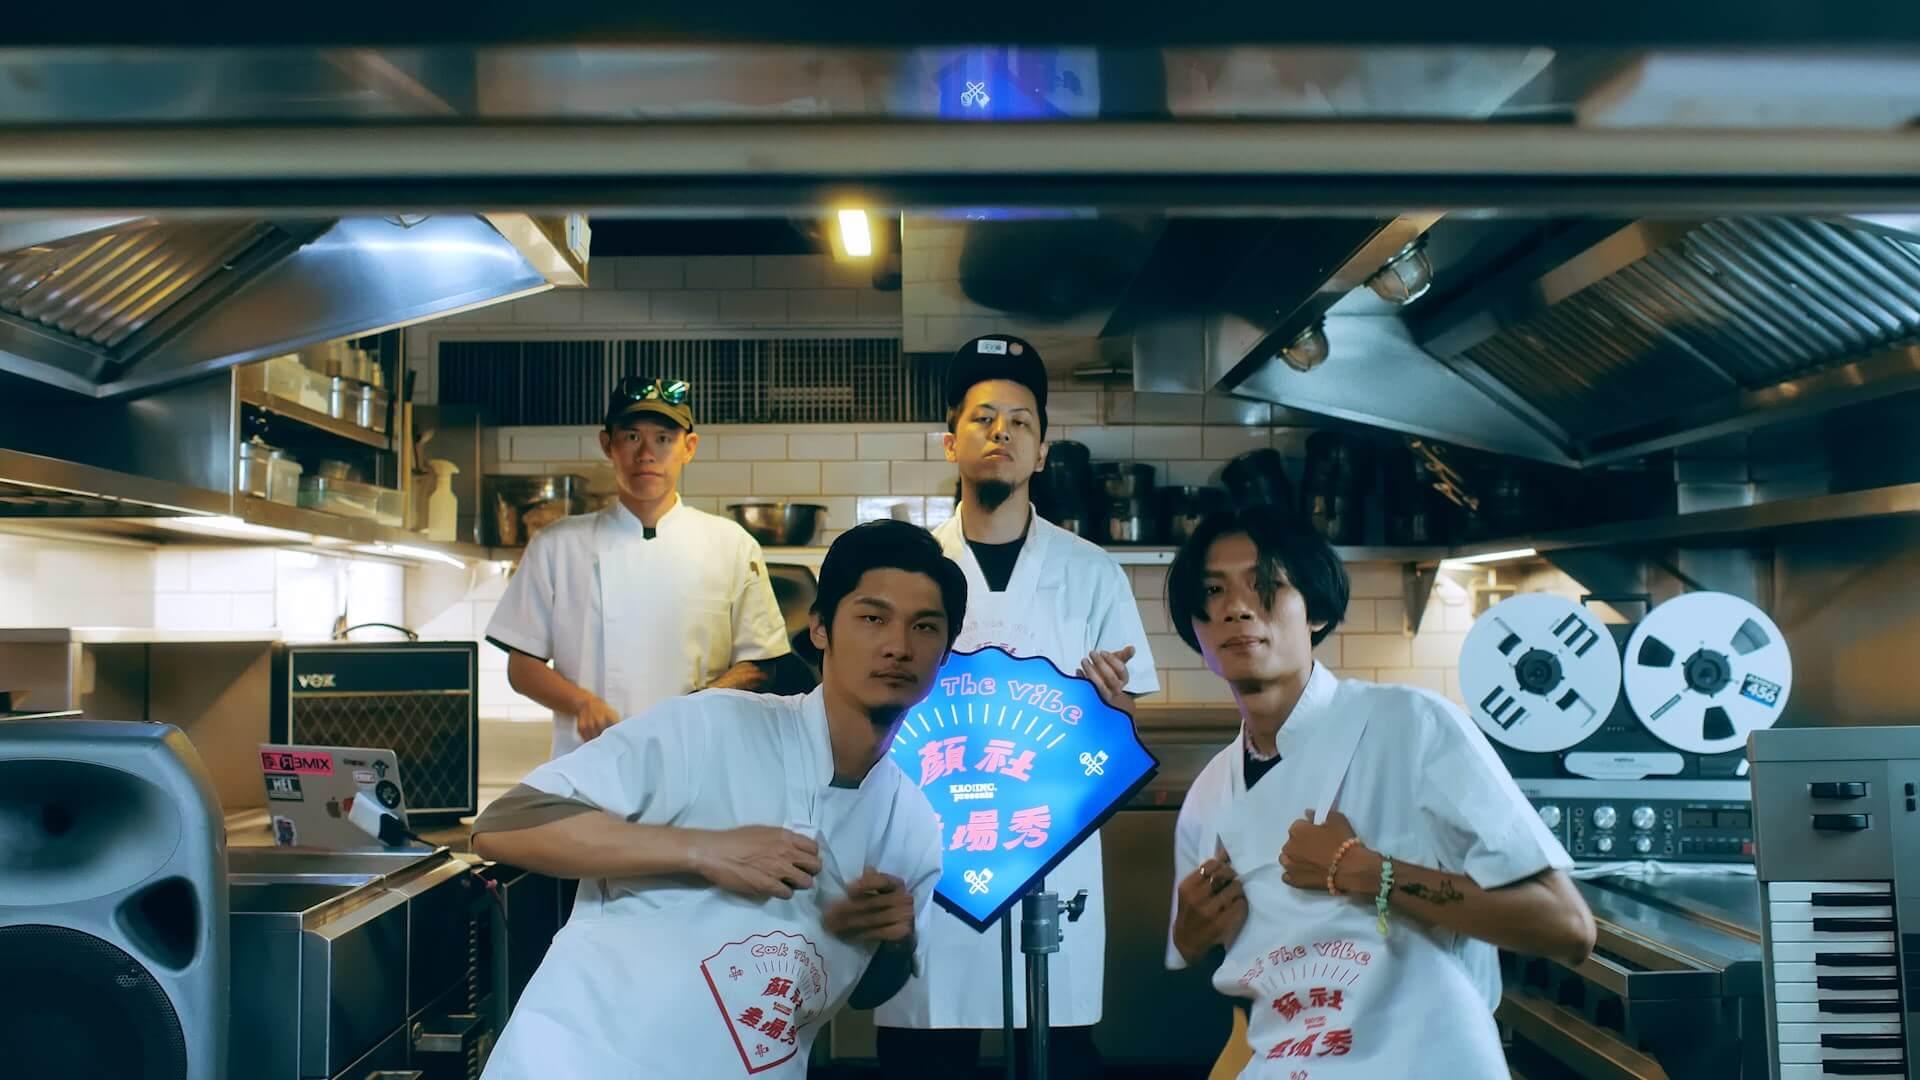 演出现场居然在厨房?颜社「首推付费节目」 音乐结合美食超炸!